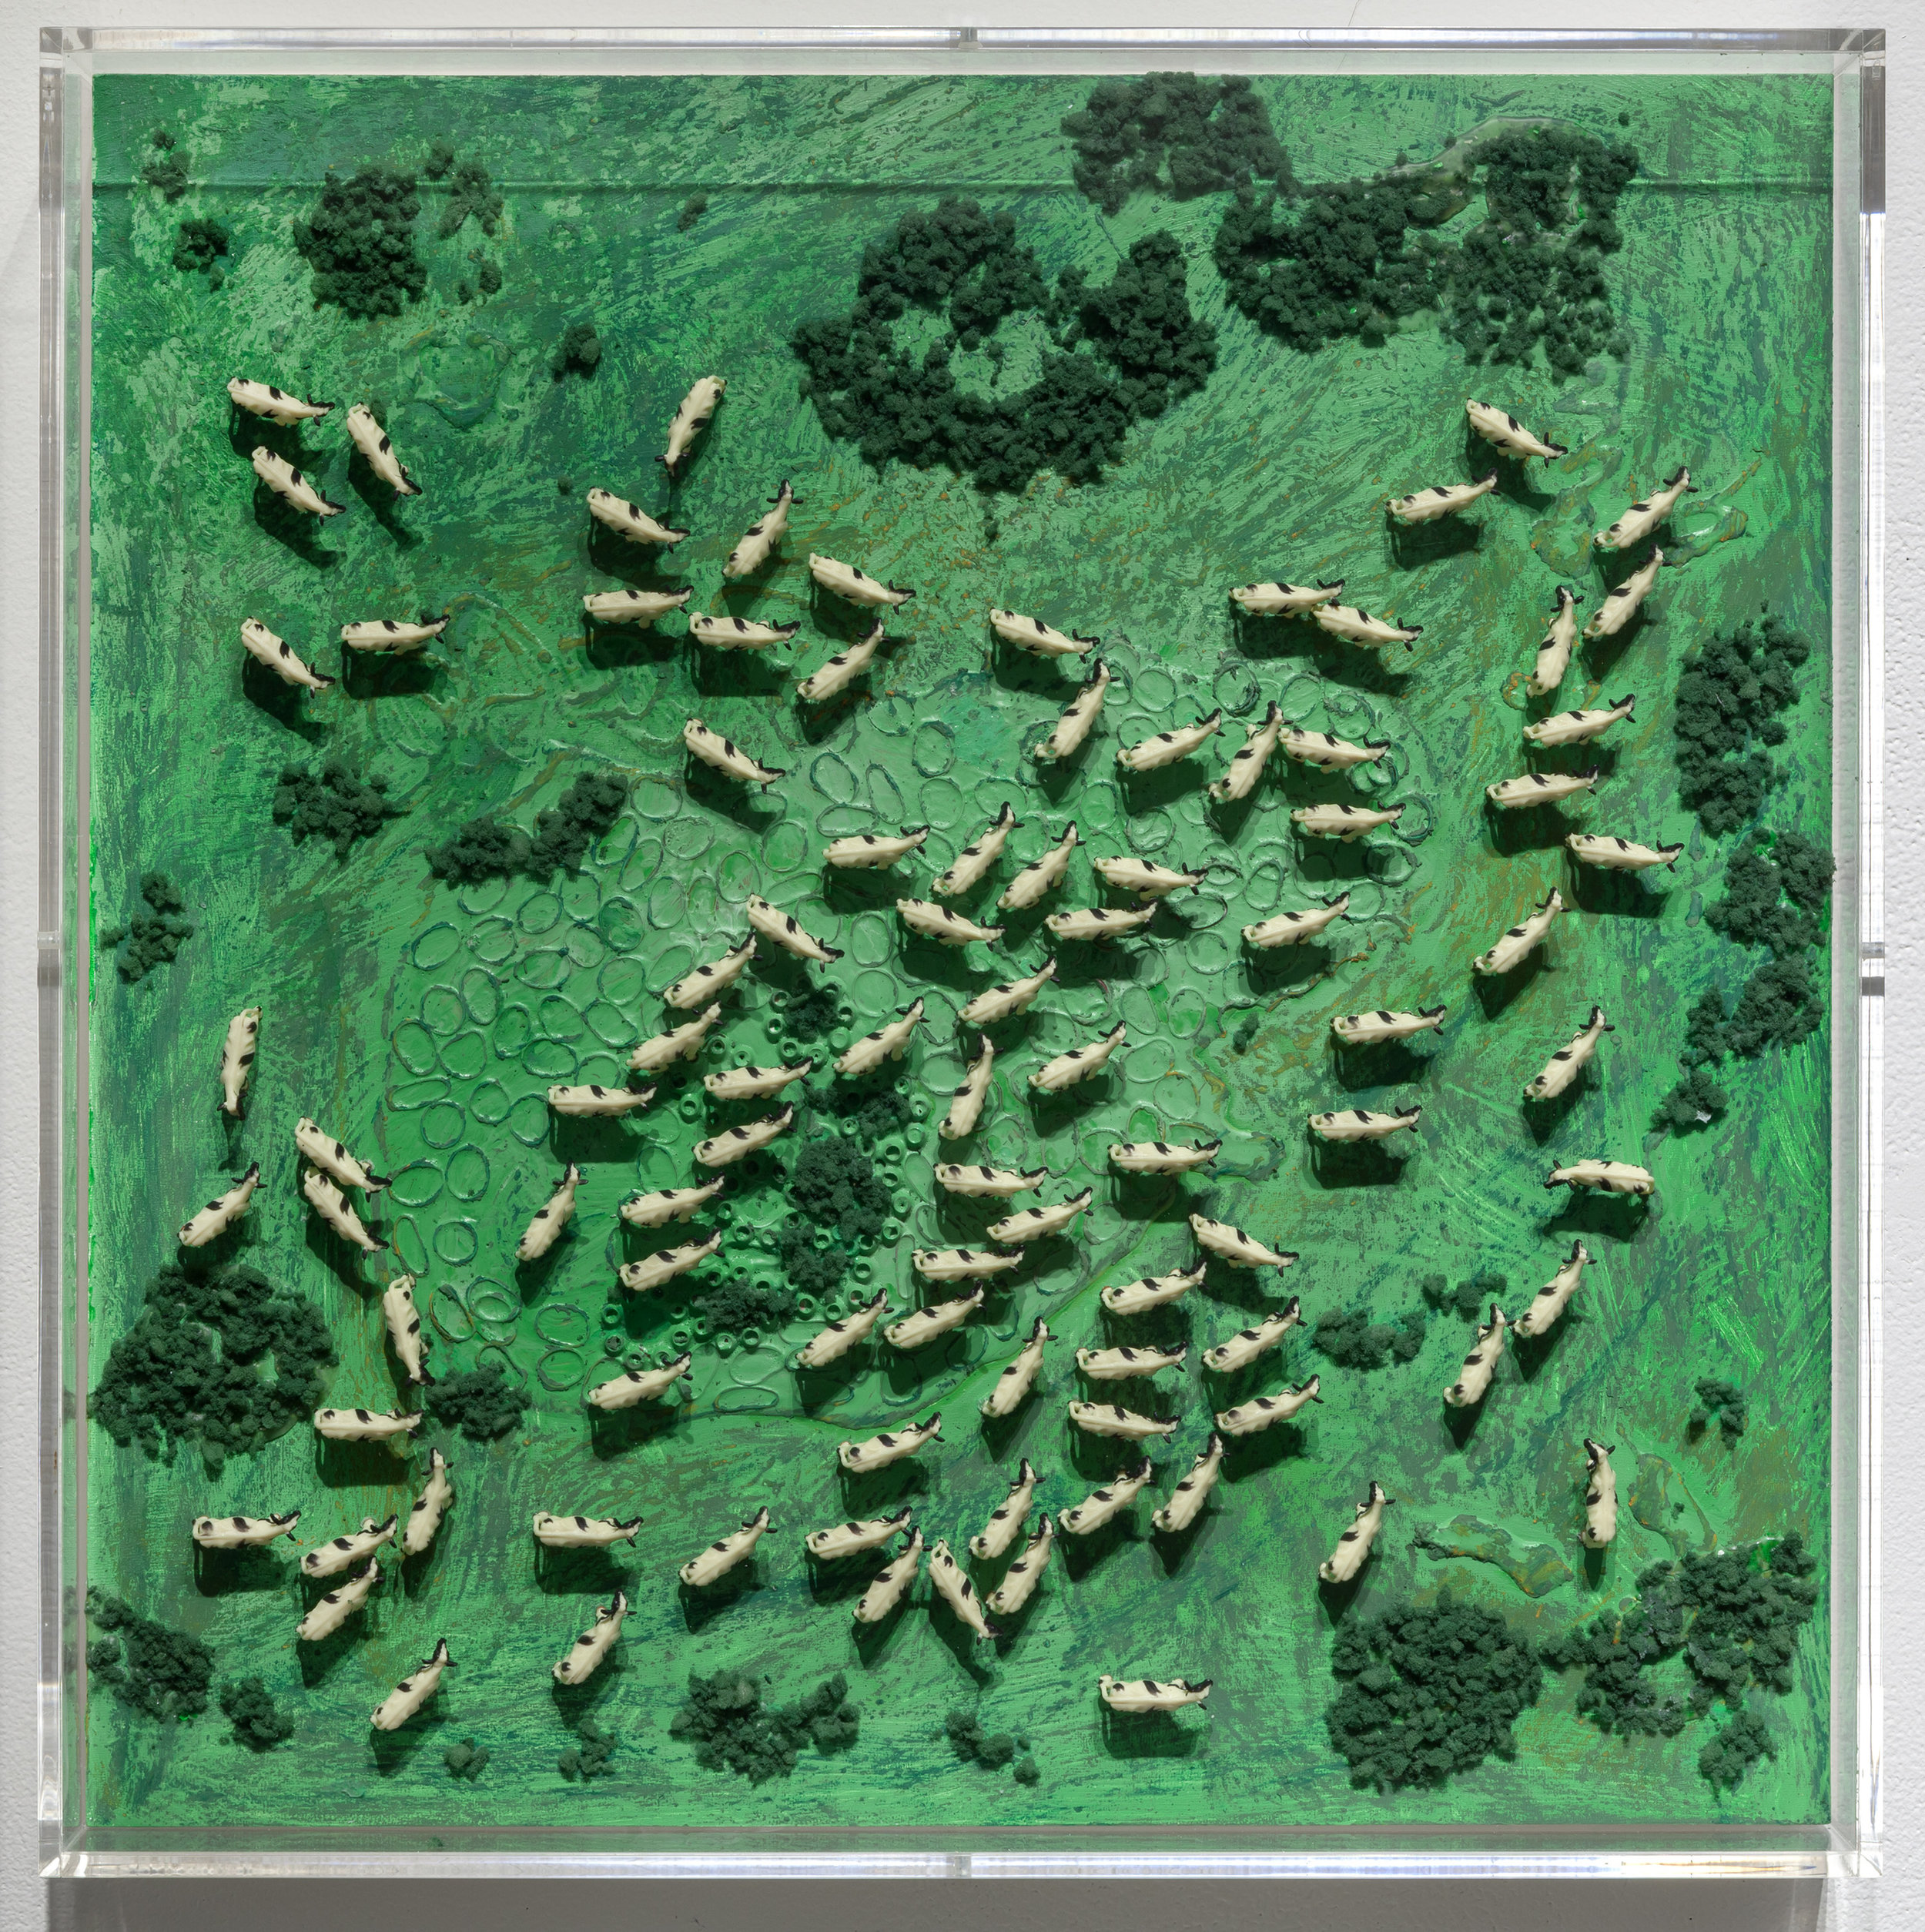 Organized Chaos I, mixed media 18.75 x 18.75 inches, 2016